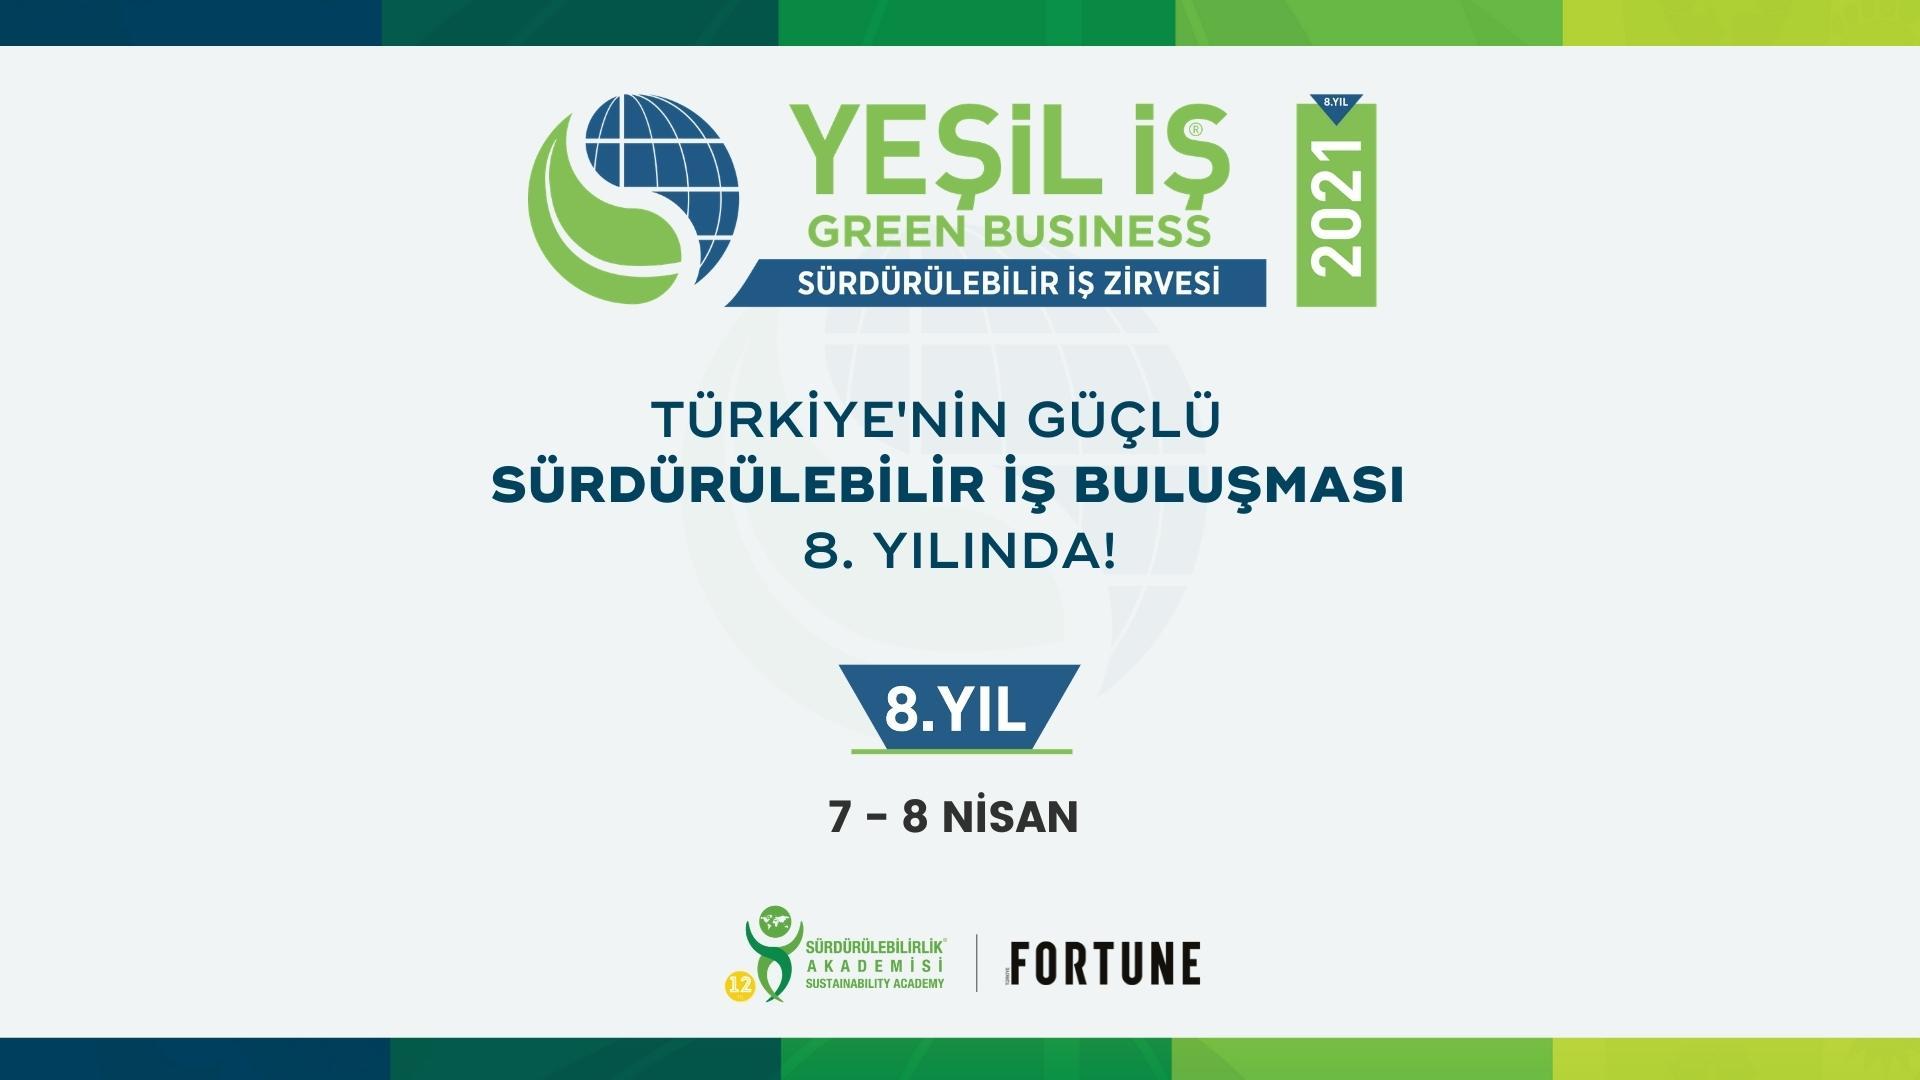 Yeşil İş: Sürdürülebilir İş Zirvesi 2021